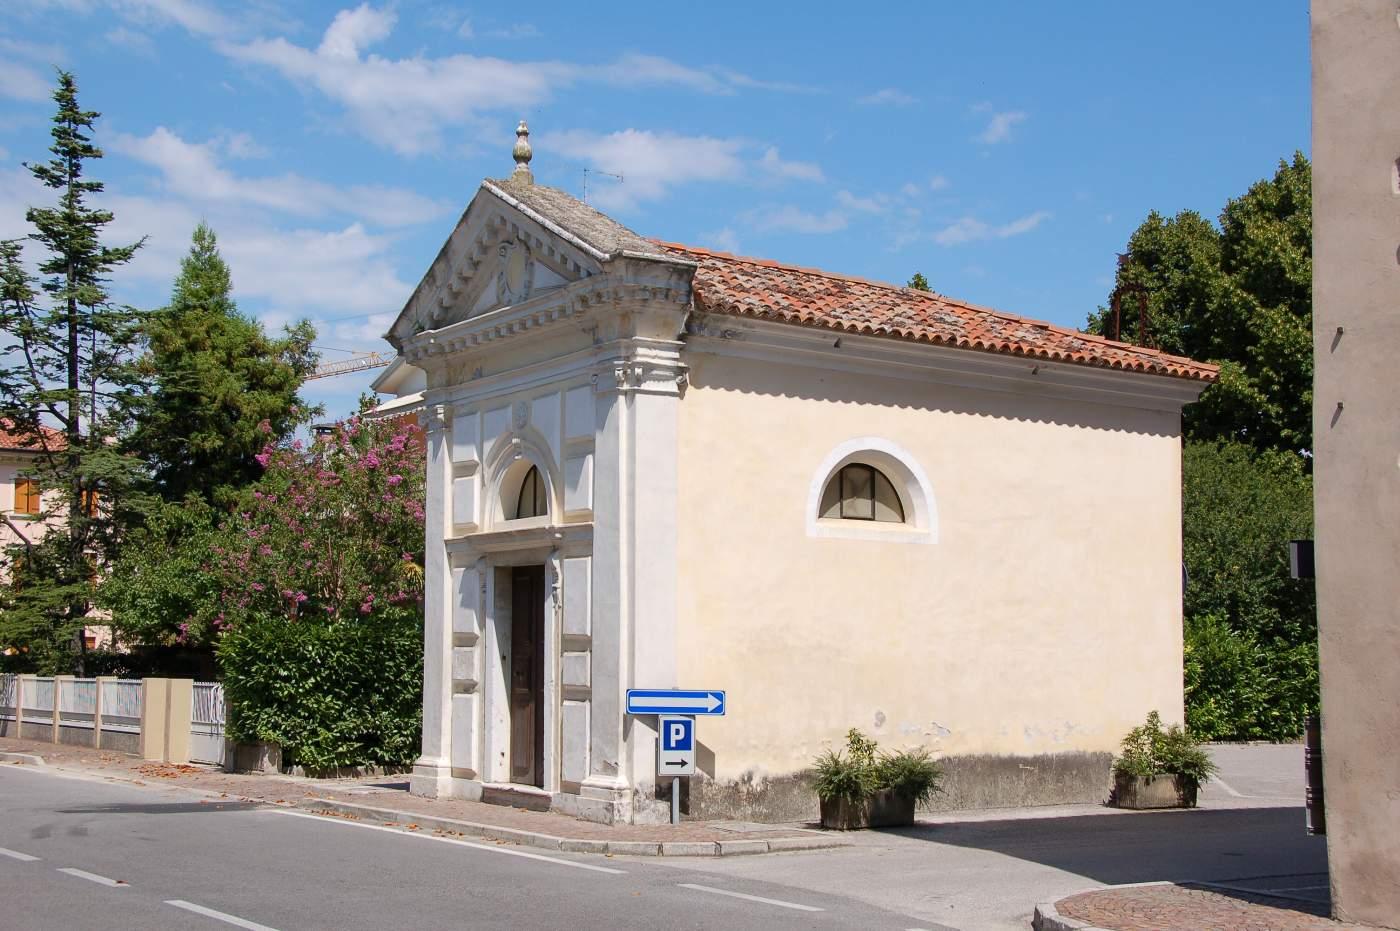 La chiesetta di palazzo Loredan